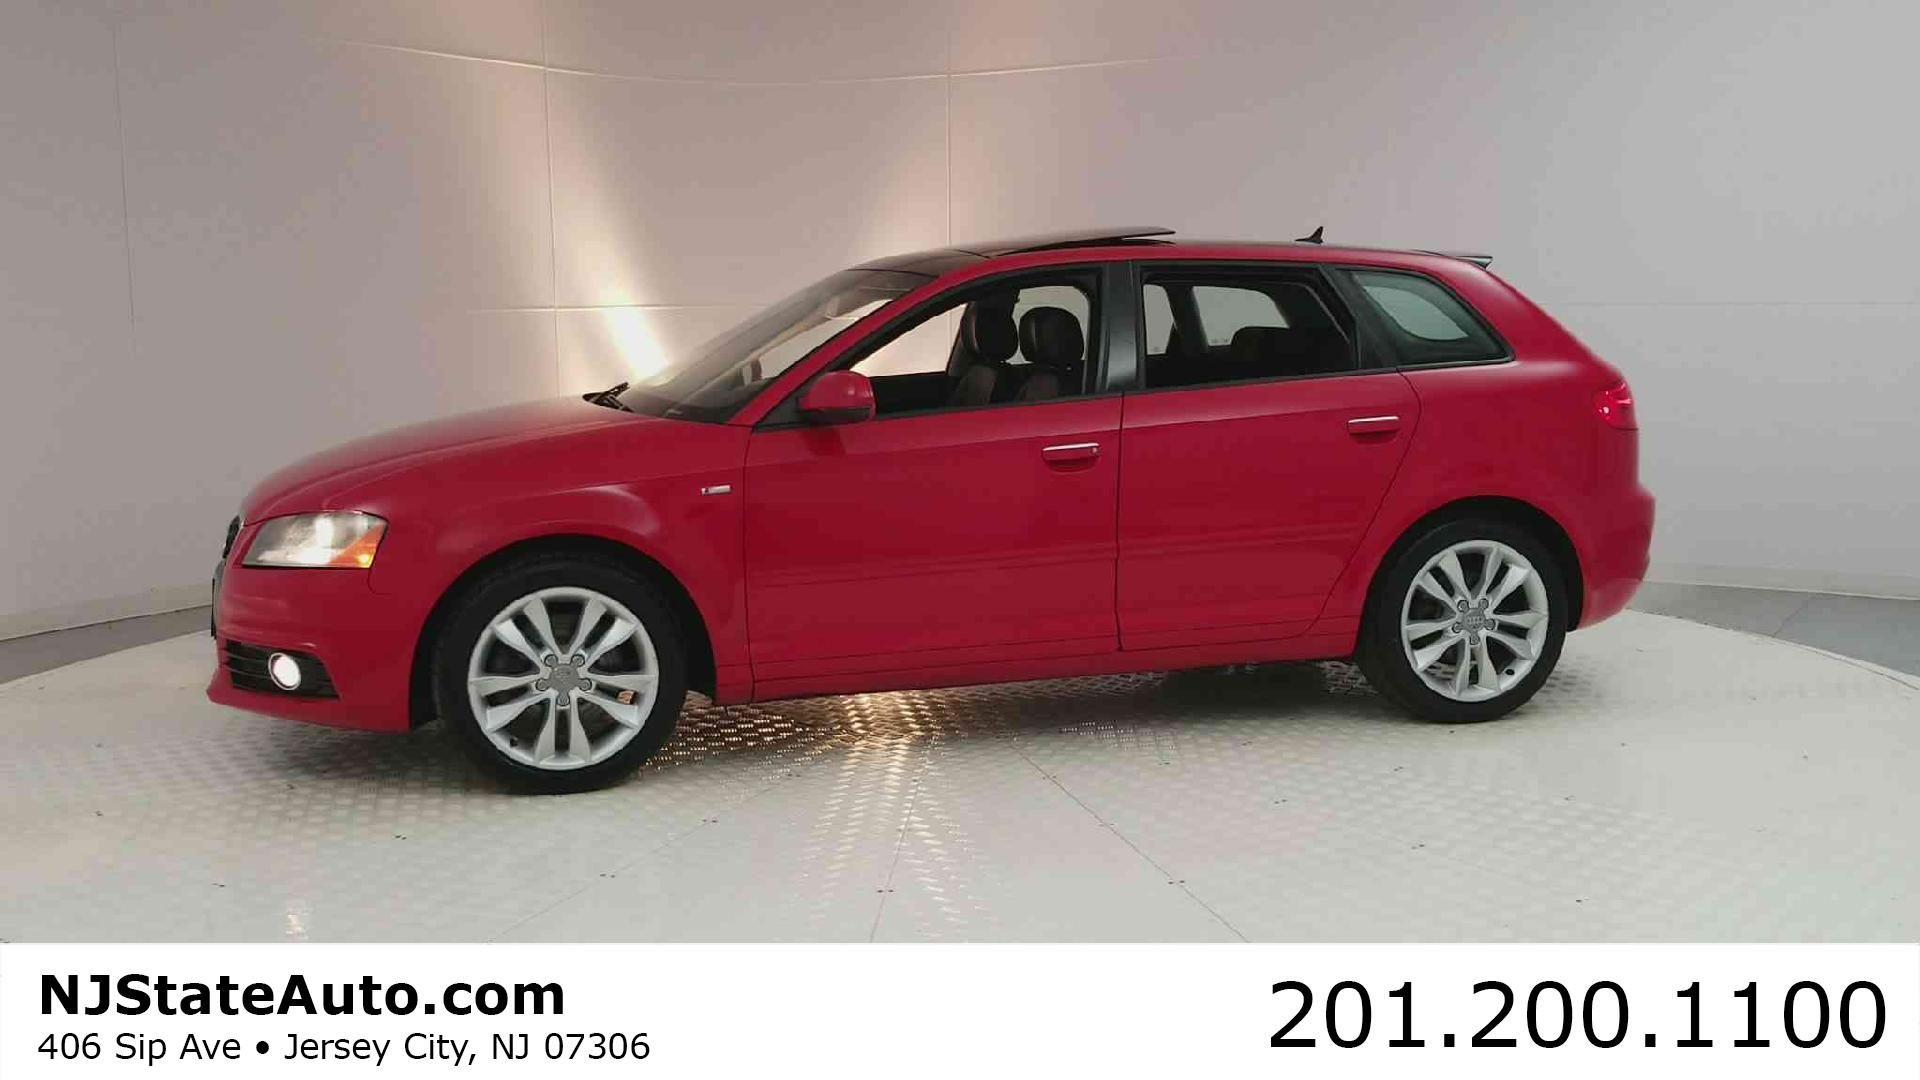 2011 Audi A3 4dr Hatchback S tronic FrontTrak 2 0T Premium